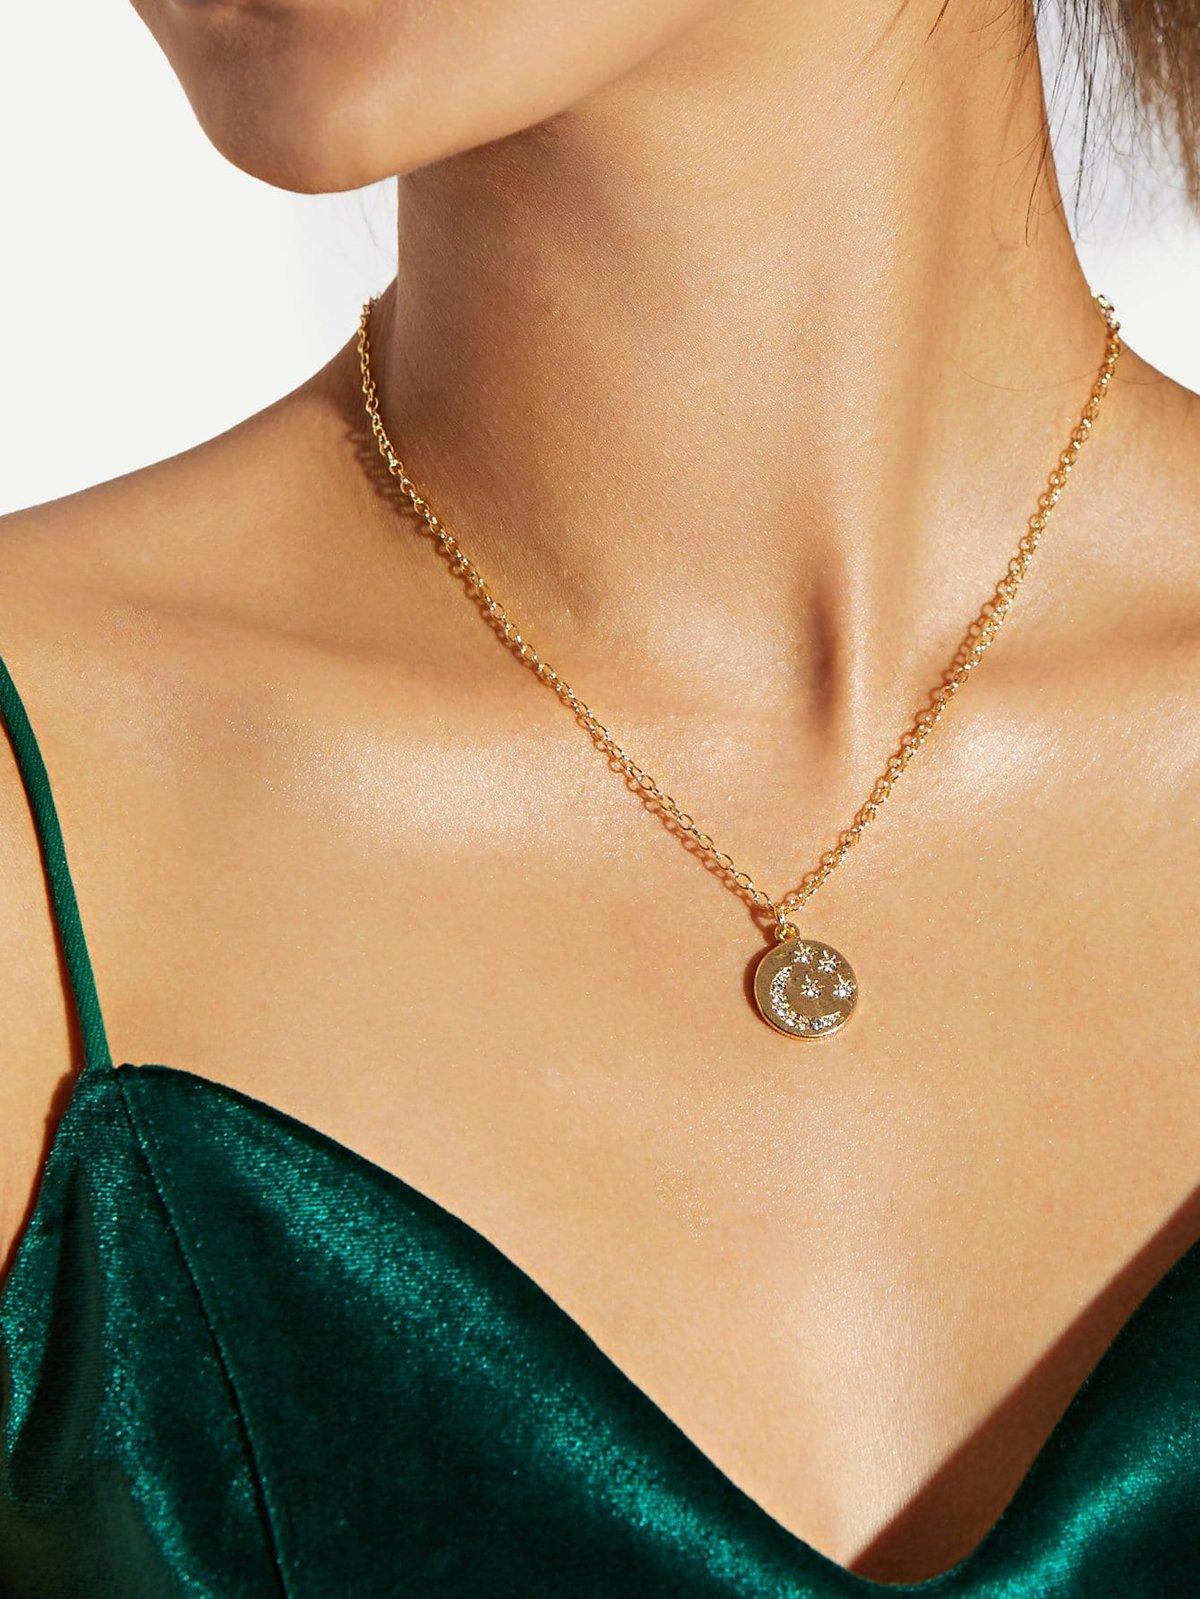 женские цепочки из золота на шею фото трех лет демонстрировала